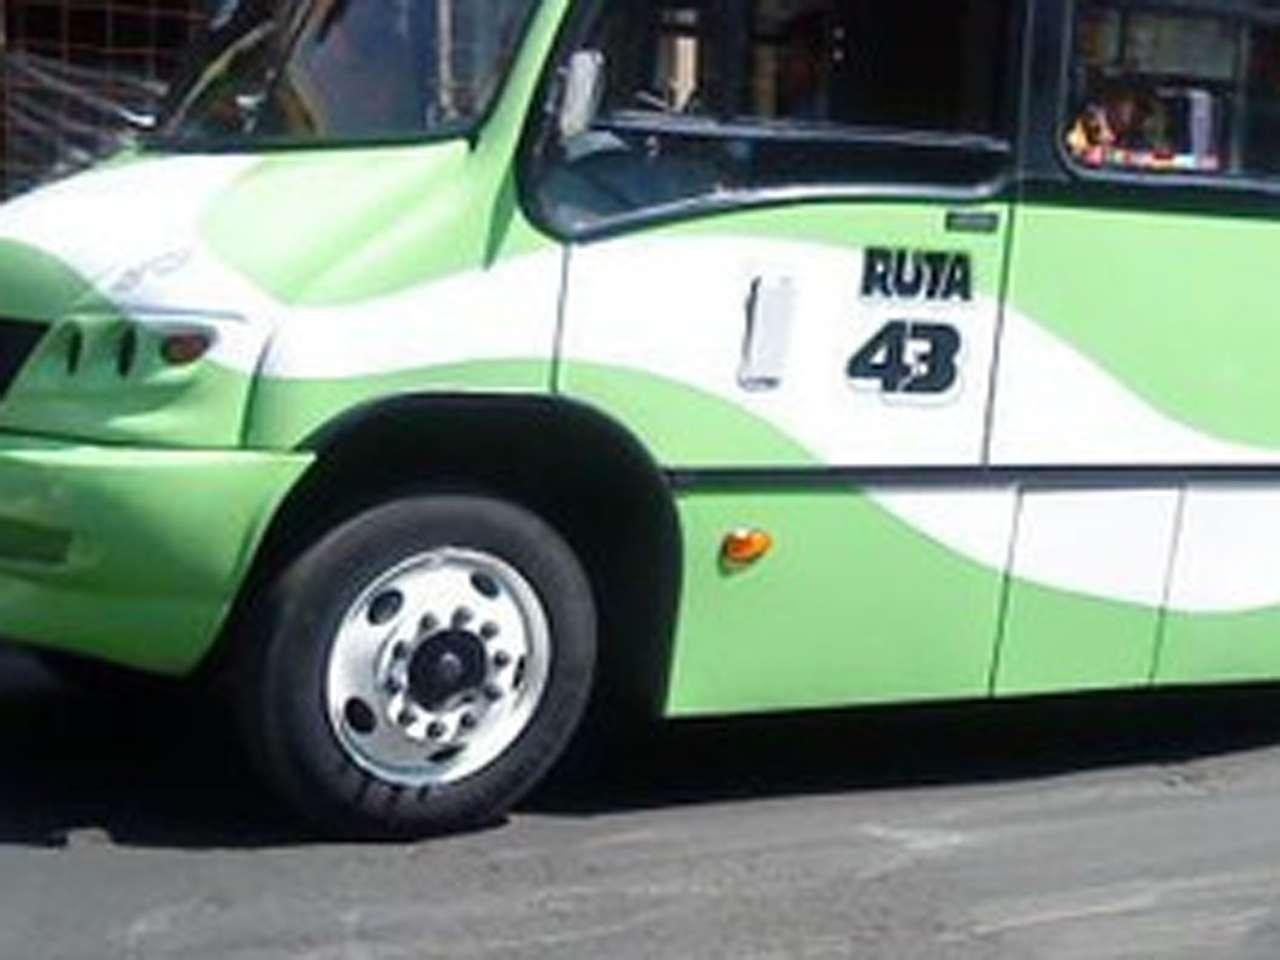 Dos sujetos intentaron asaltar a los pasajeros de un camión de la Ruta 43, en Álvaro Obregón. Foto: Archivo/Terra